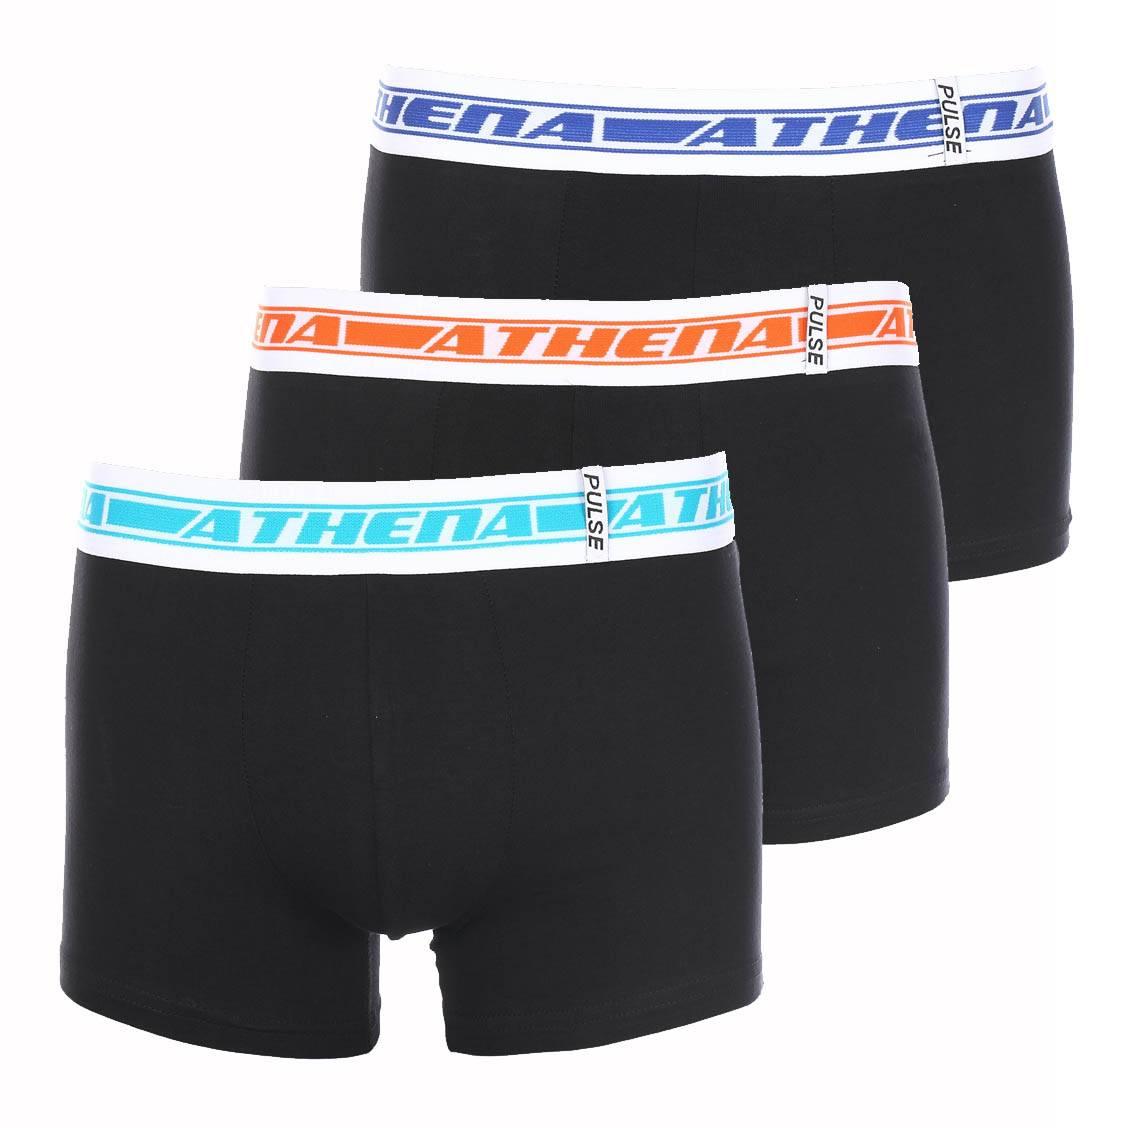 Lot de 3 boxers Athena à ceintures logotypées en orange, turquoise et bleu